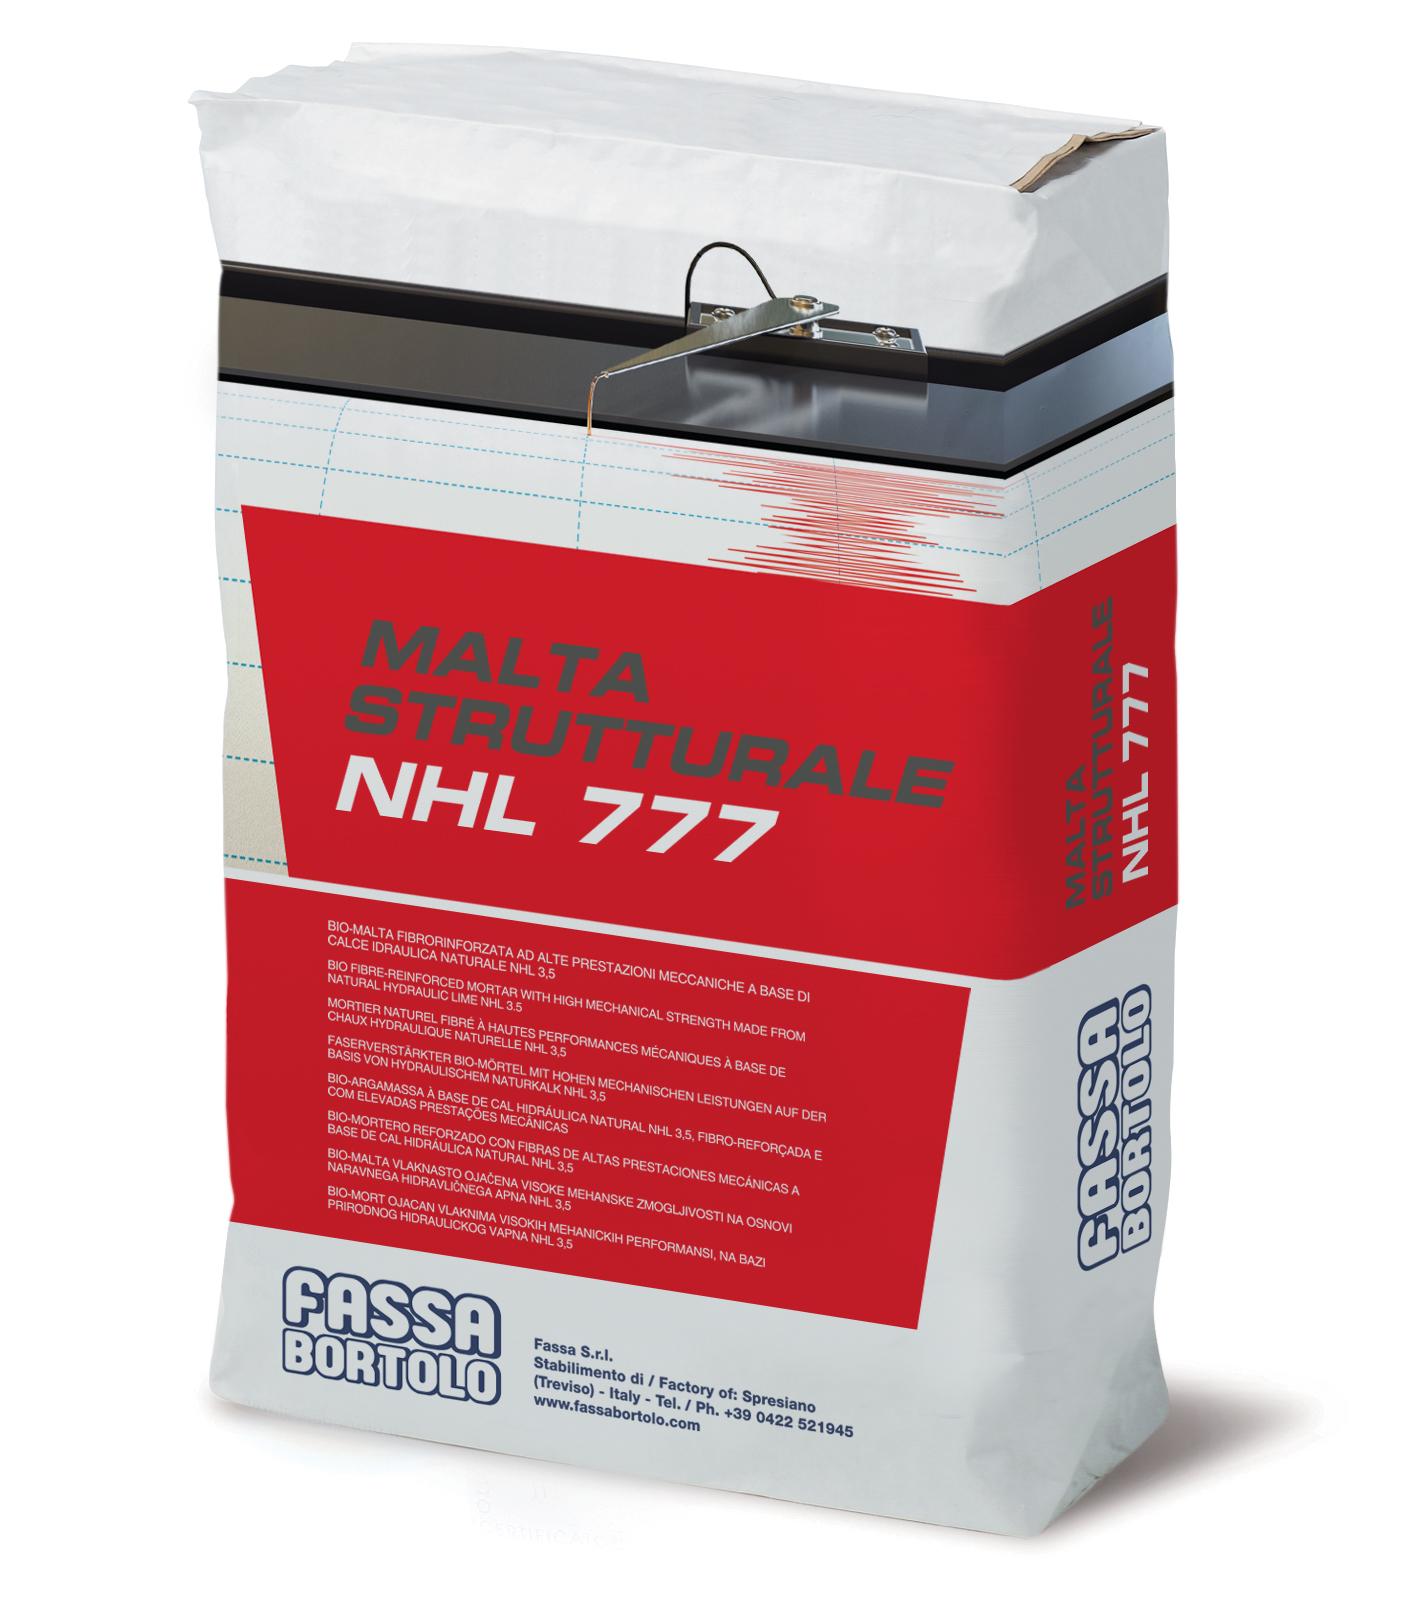 MALTA STRUTTURALE NHL 777: Faserverstärkter Bio-Strukturmörtel auf Basis hydraulischen Naturkalks NHL 3,5 für den Innen- und Außenbereich